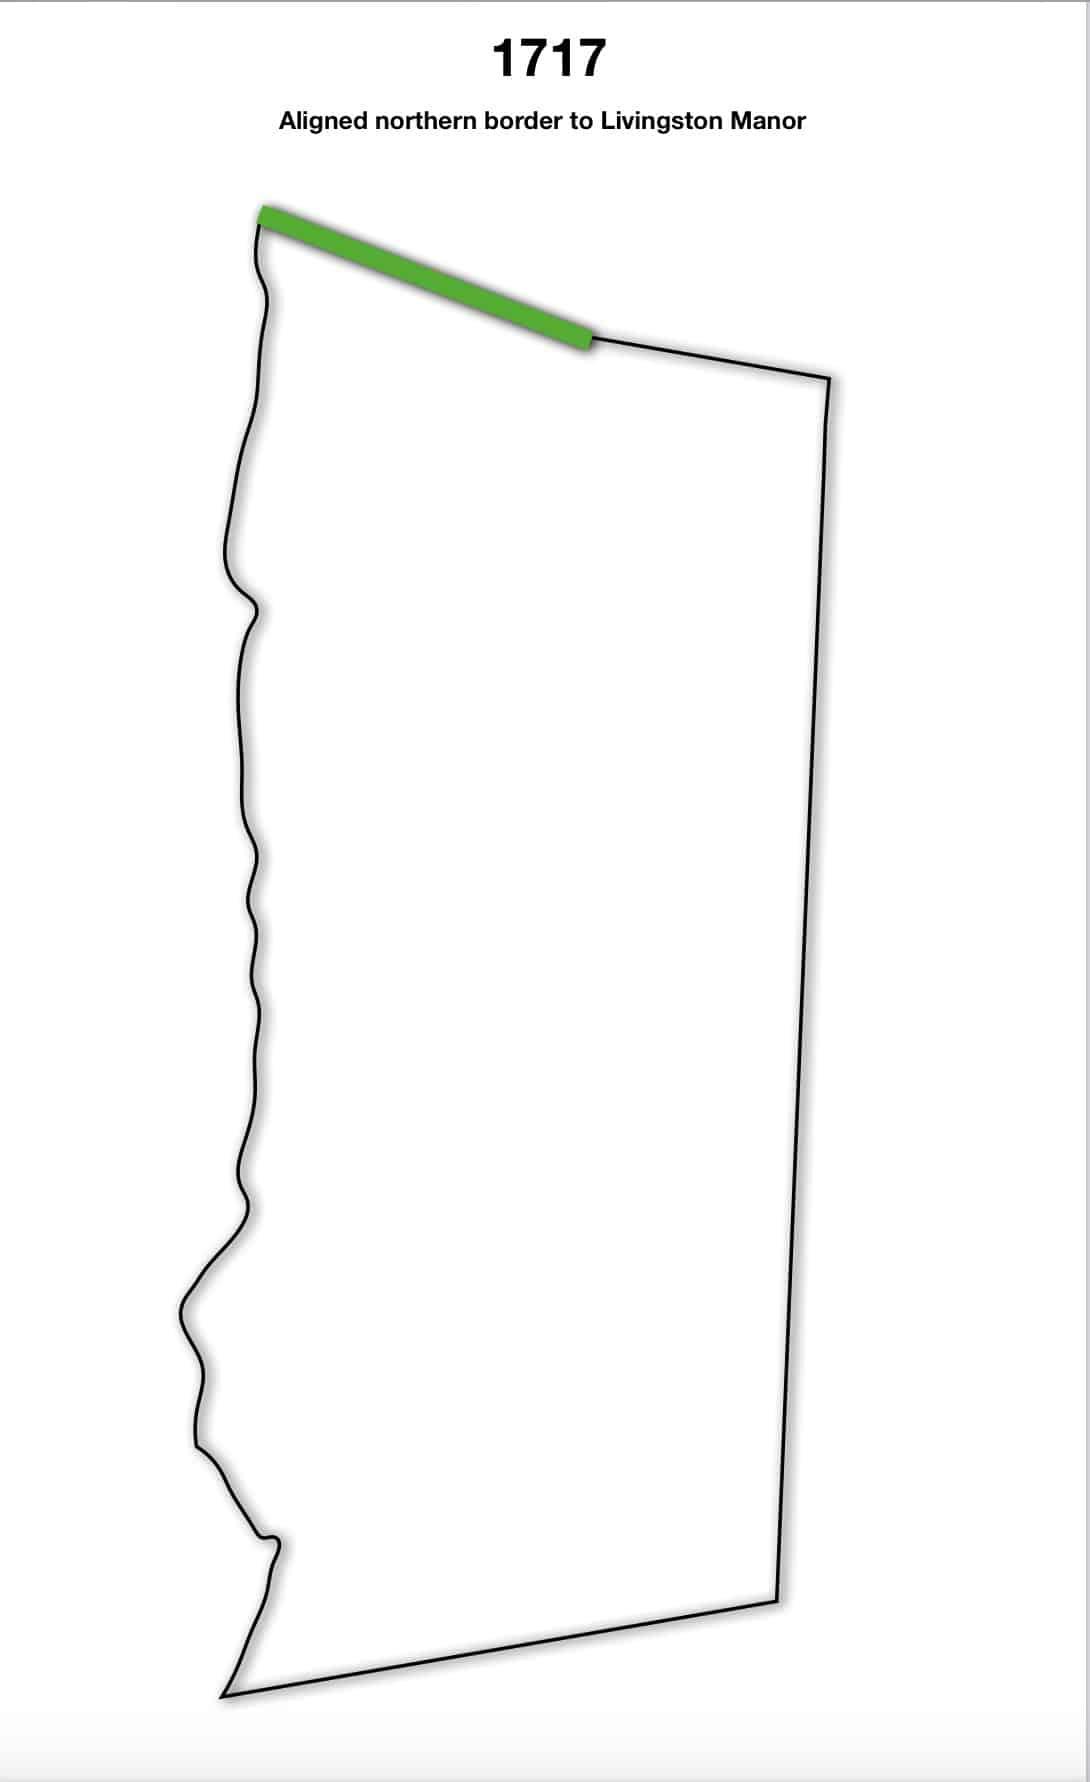 Rev250 maps 528004